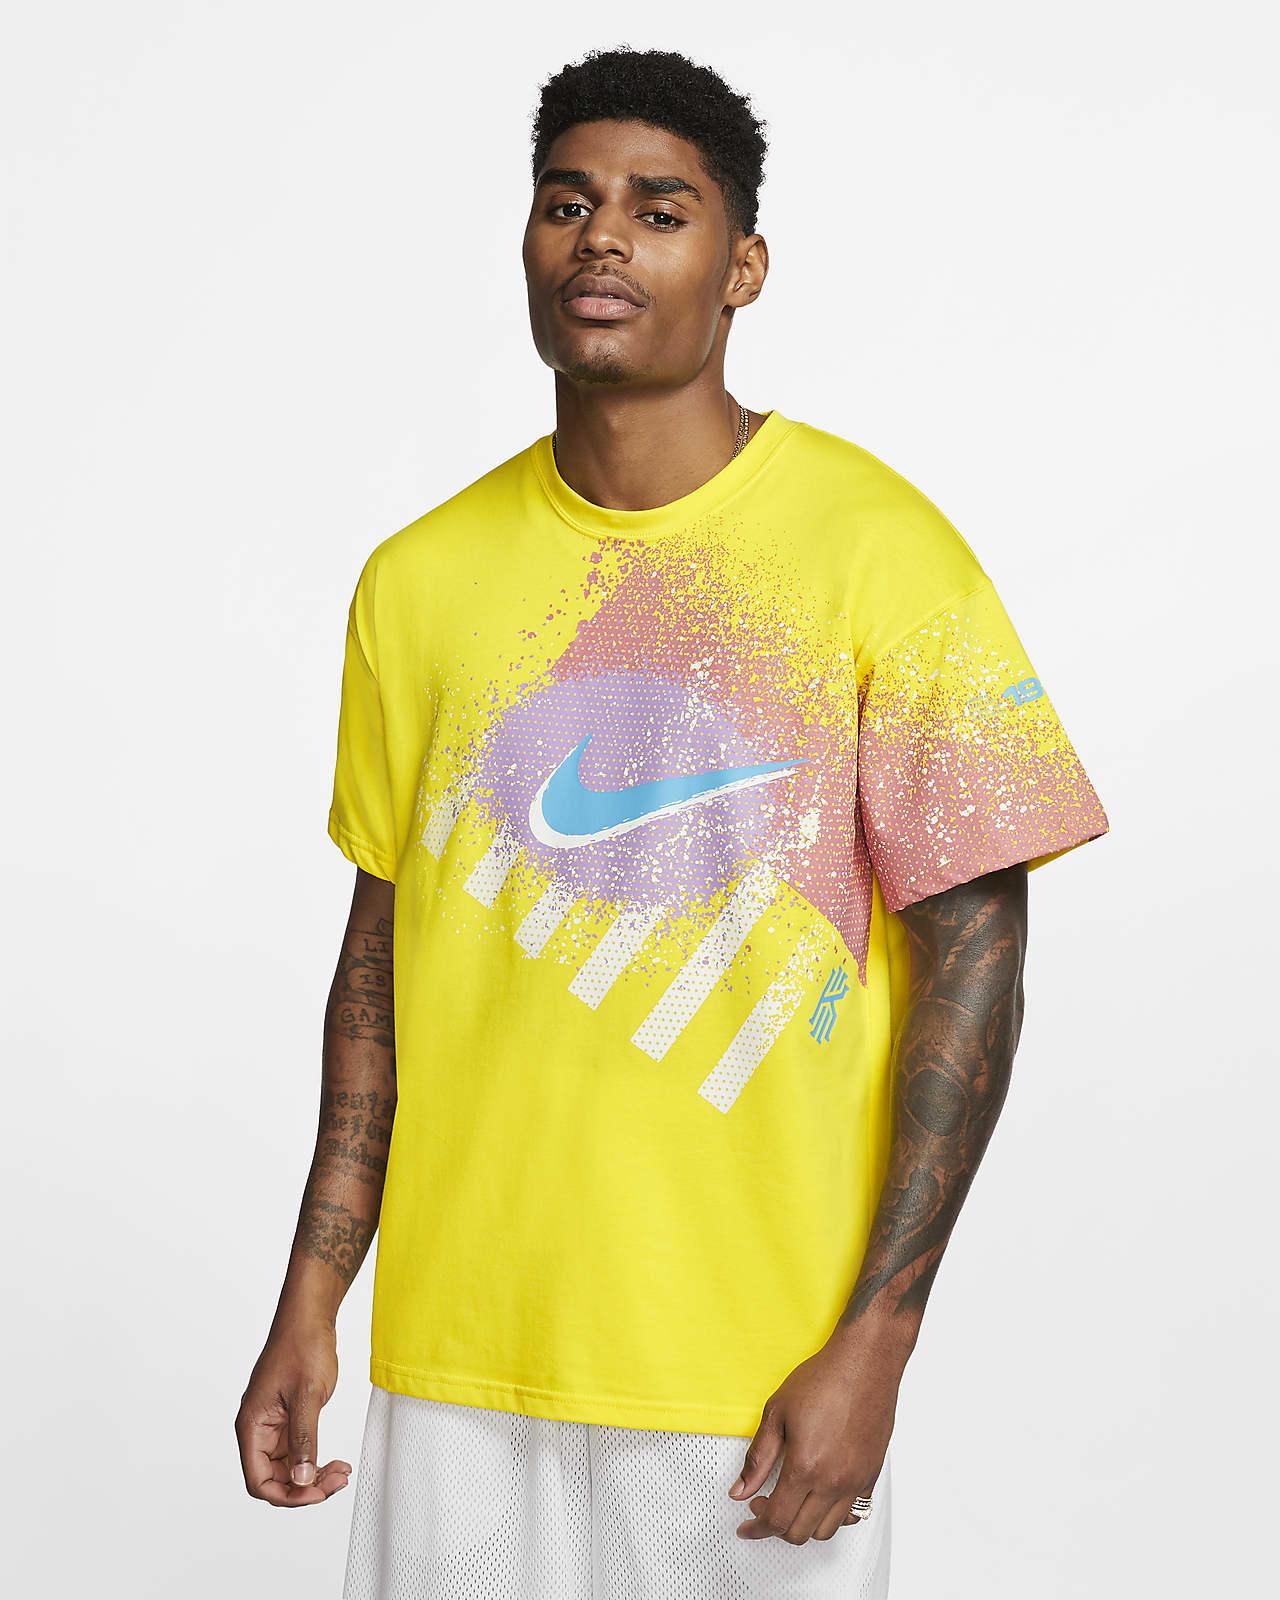 Kyrie '90s Men's Basketball T-Shirt